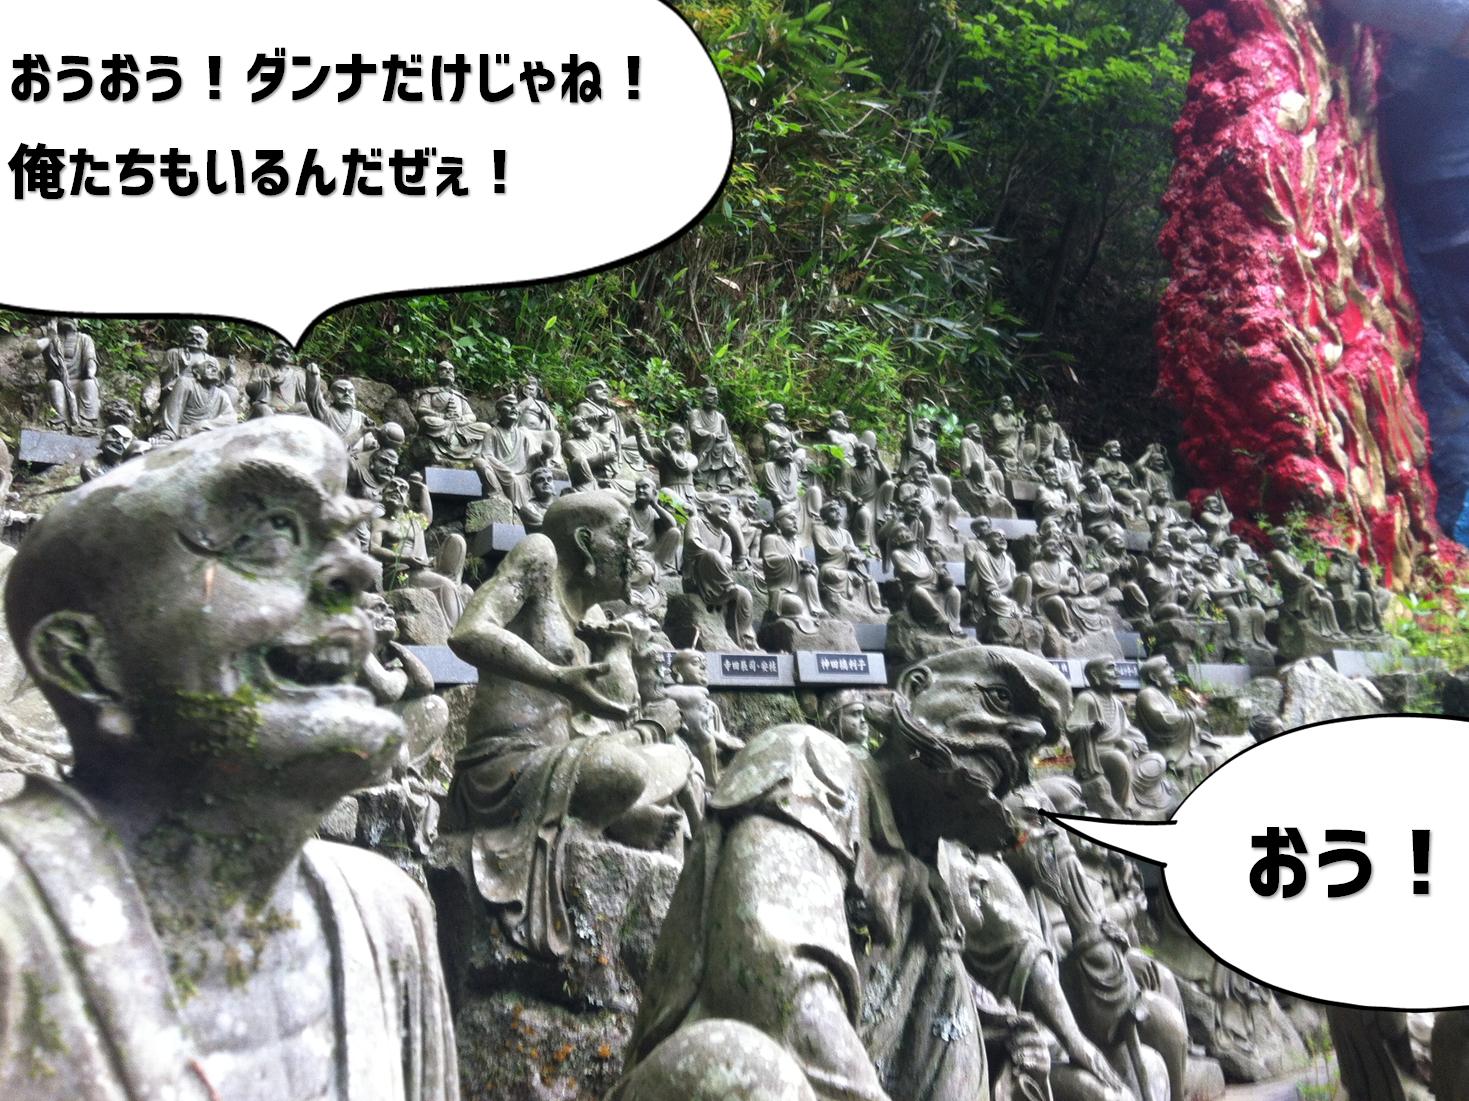 今年のGWは篠栗の名所(Part 2)南蔵院は涅槃像だけじゃなかった!